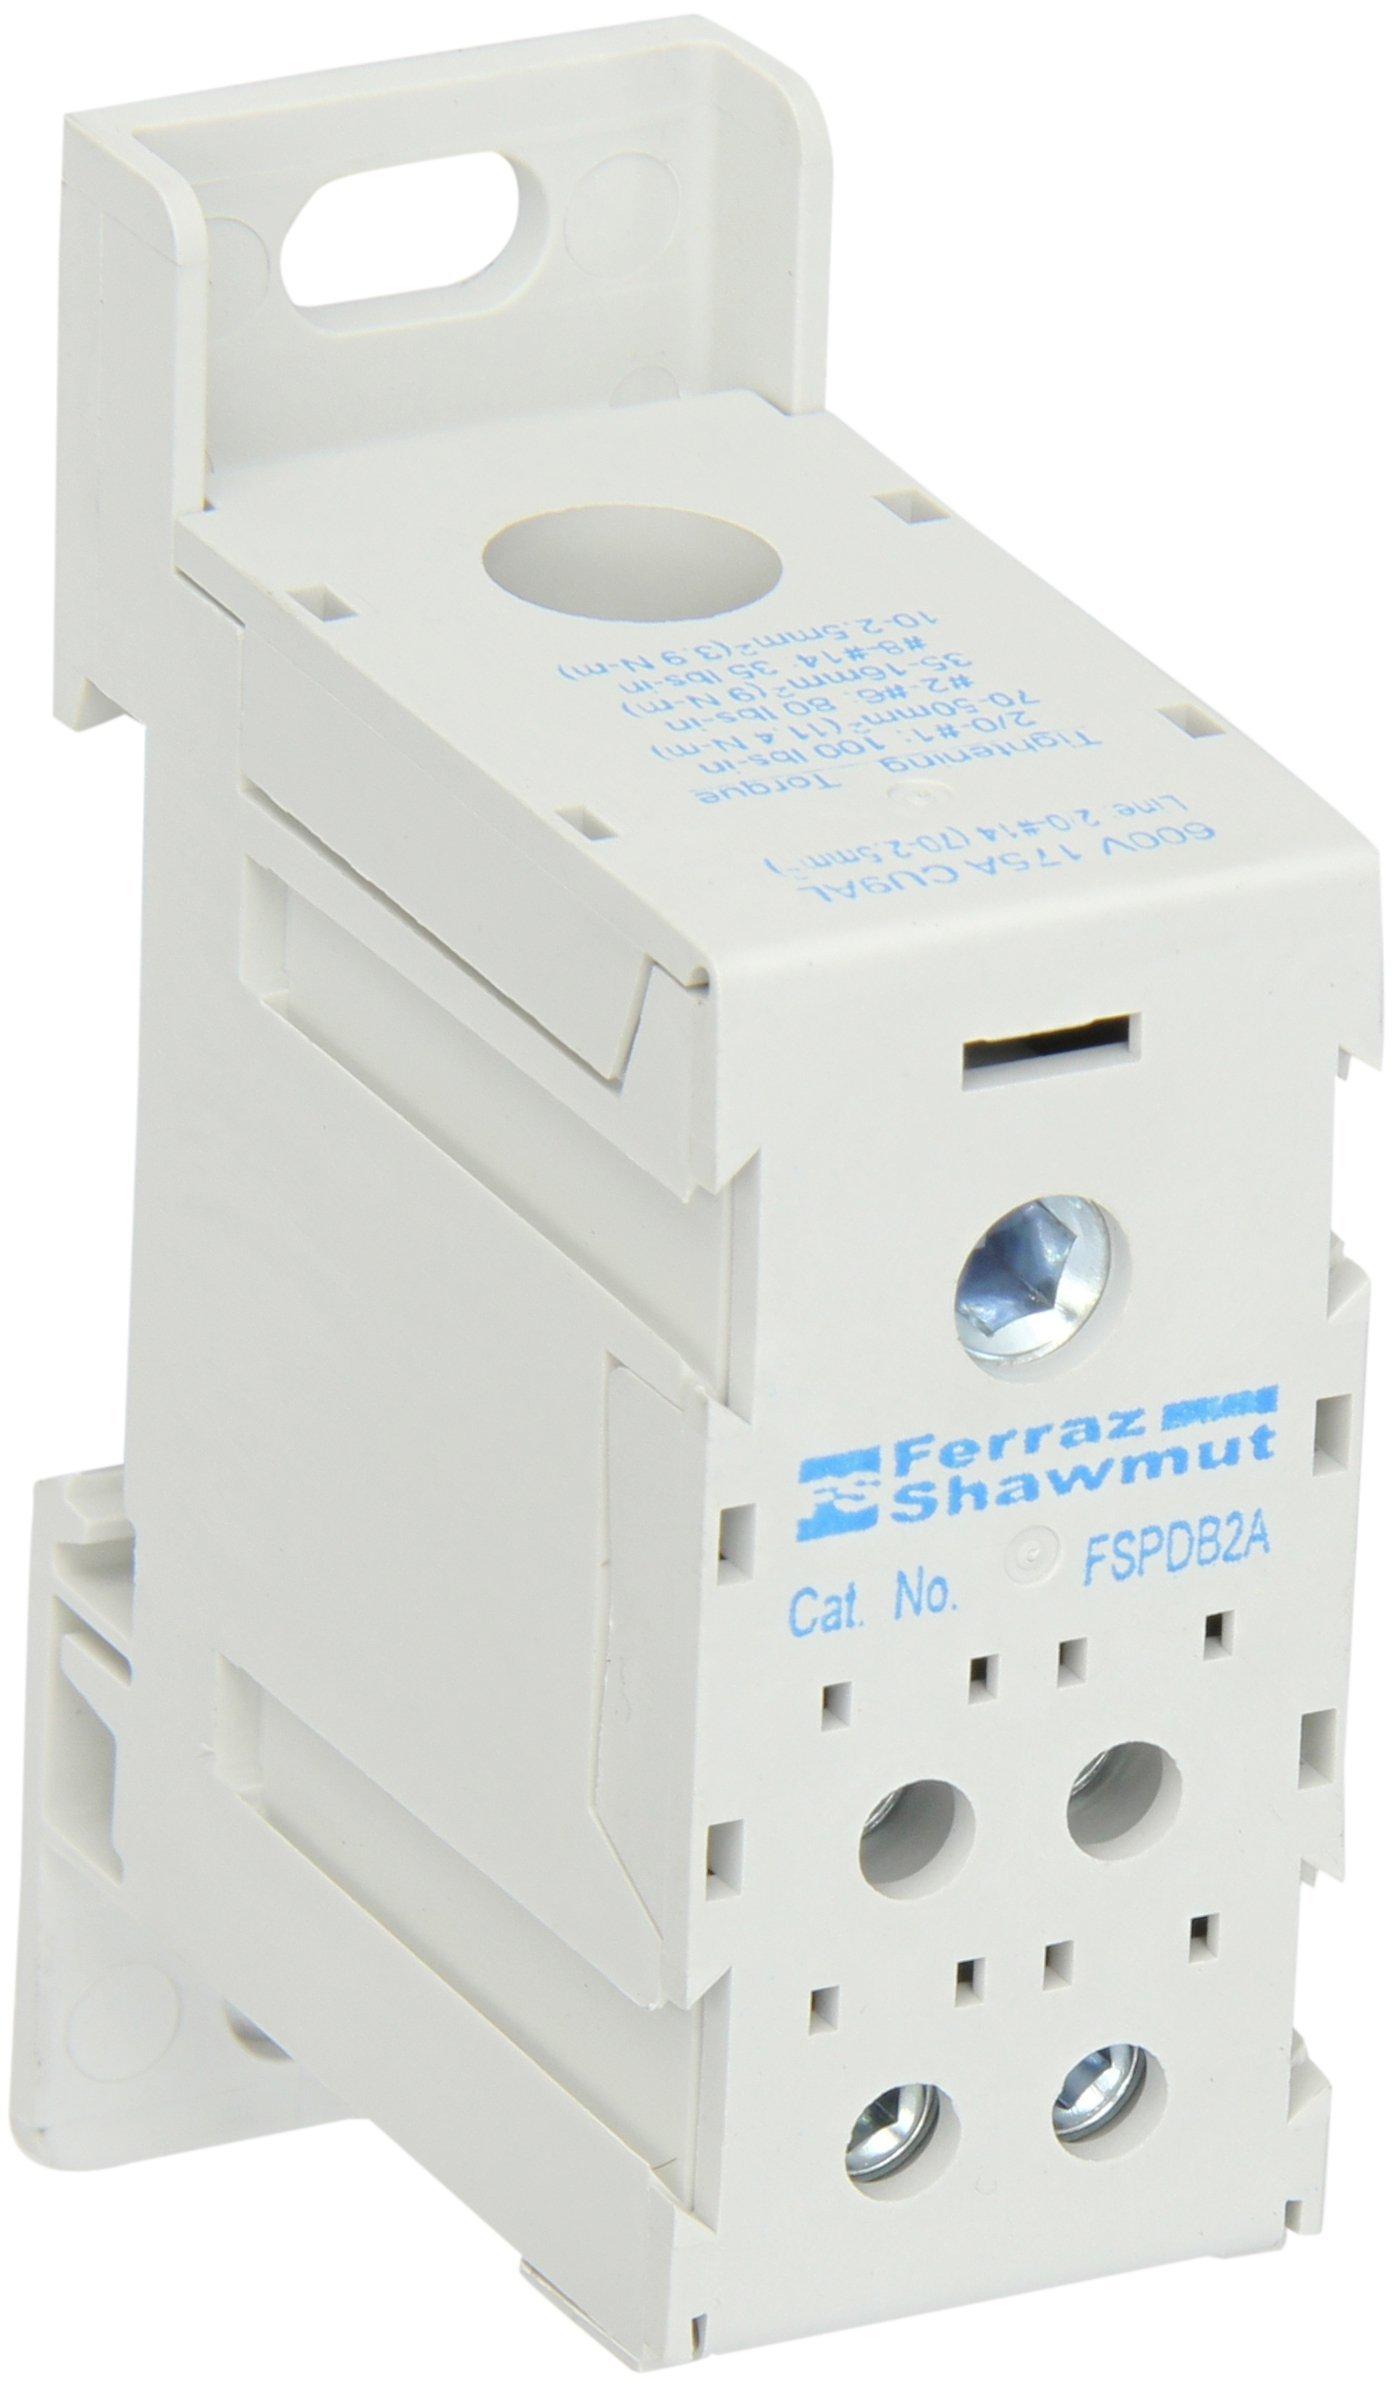 Mersen FSPDB2A Aluminum Finger-Safe Power Distribution Block, 600VAC/DC, 100kA, 175 Ampere, 3-29/64'' Length x 1-1/8'' Width x 2-13/64'' Height